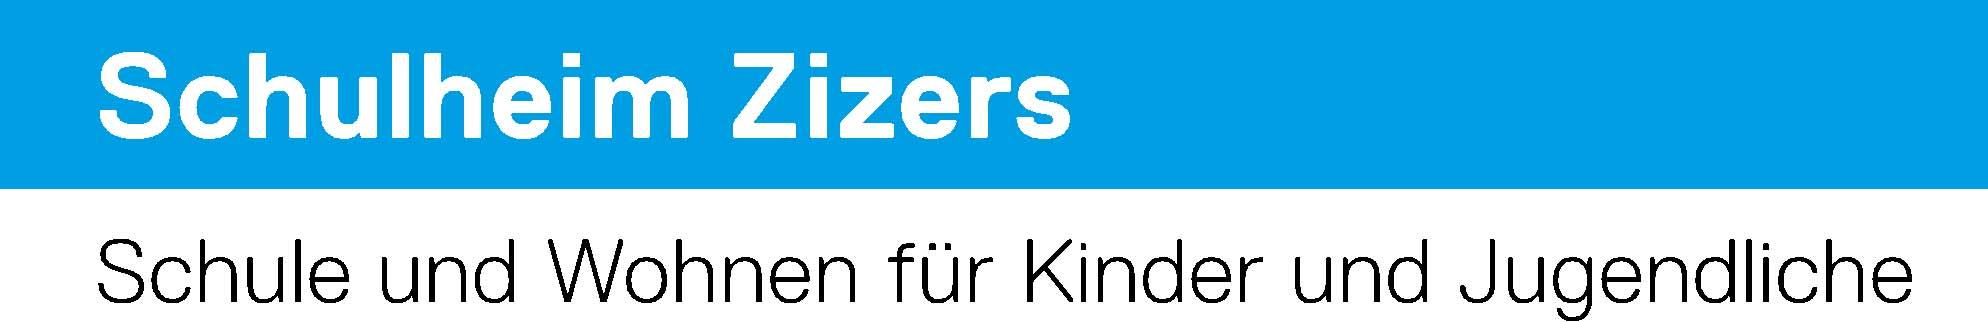 Schulheim Zizers